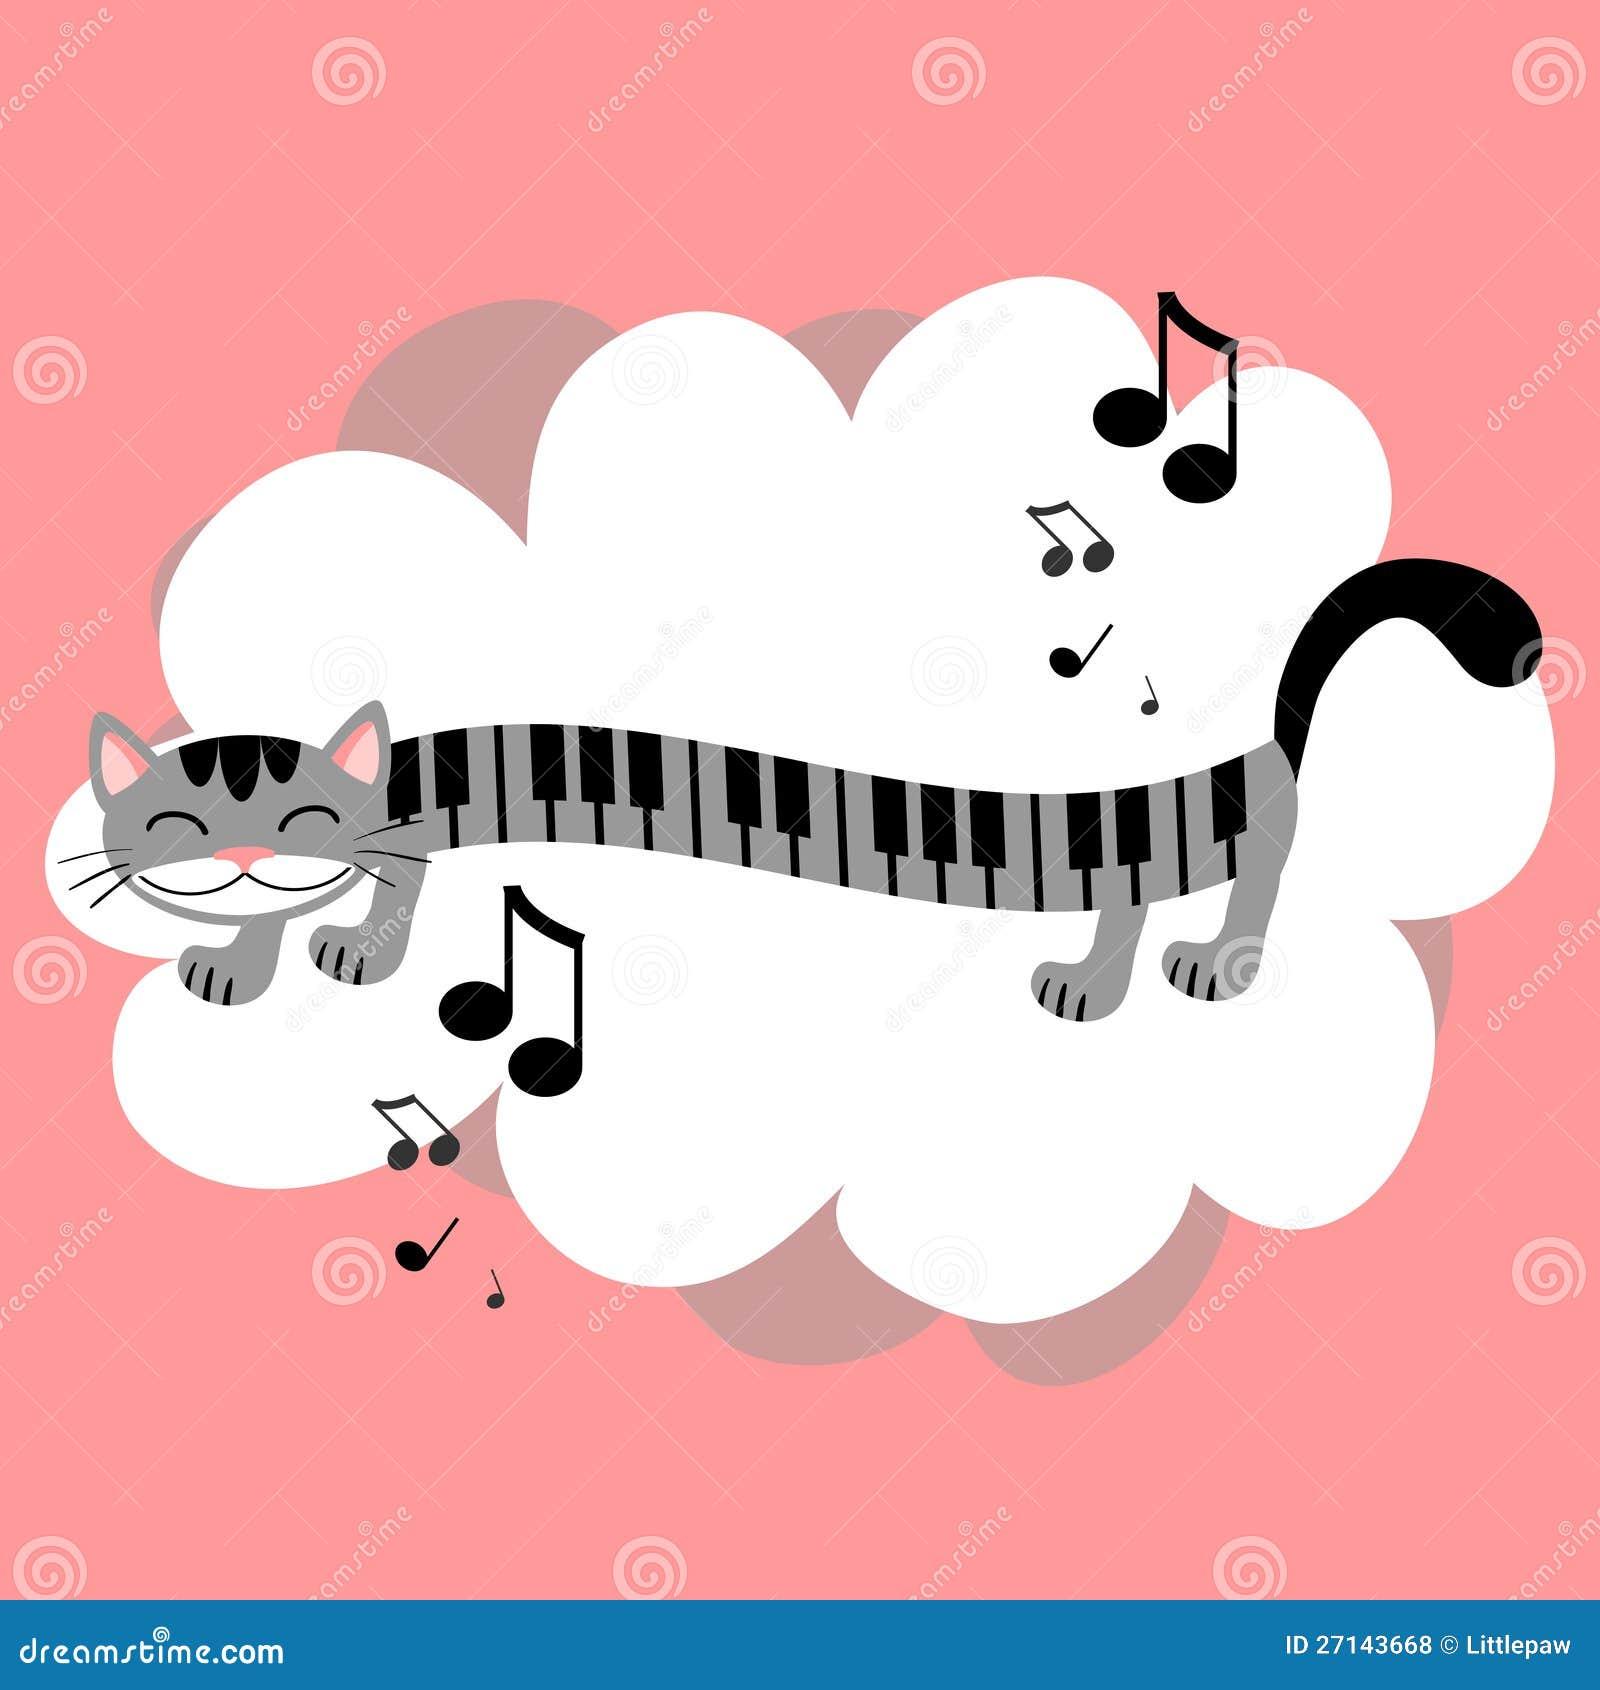 Music kitty